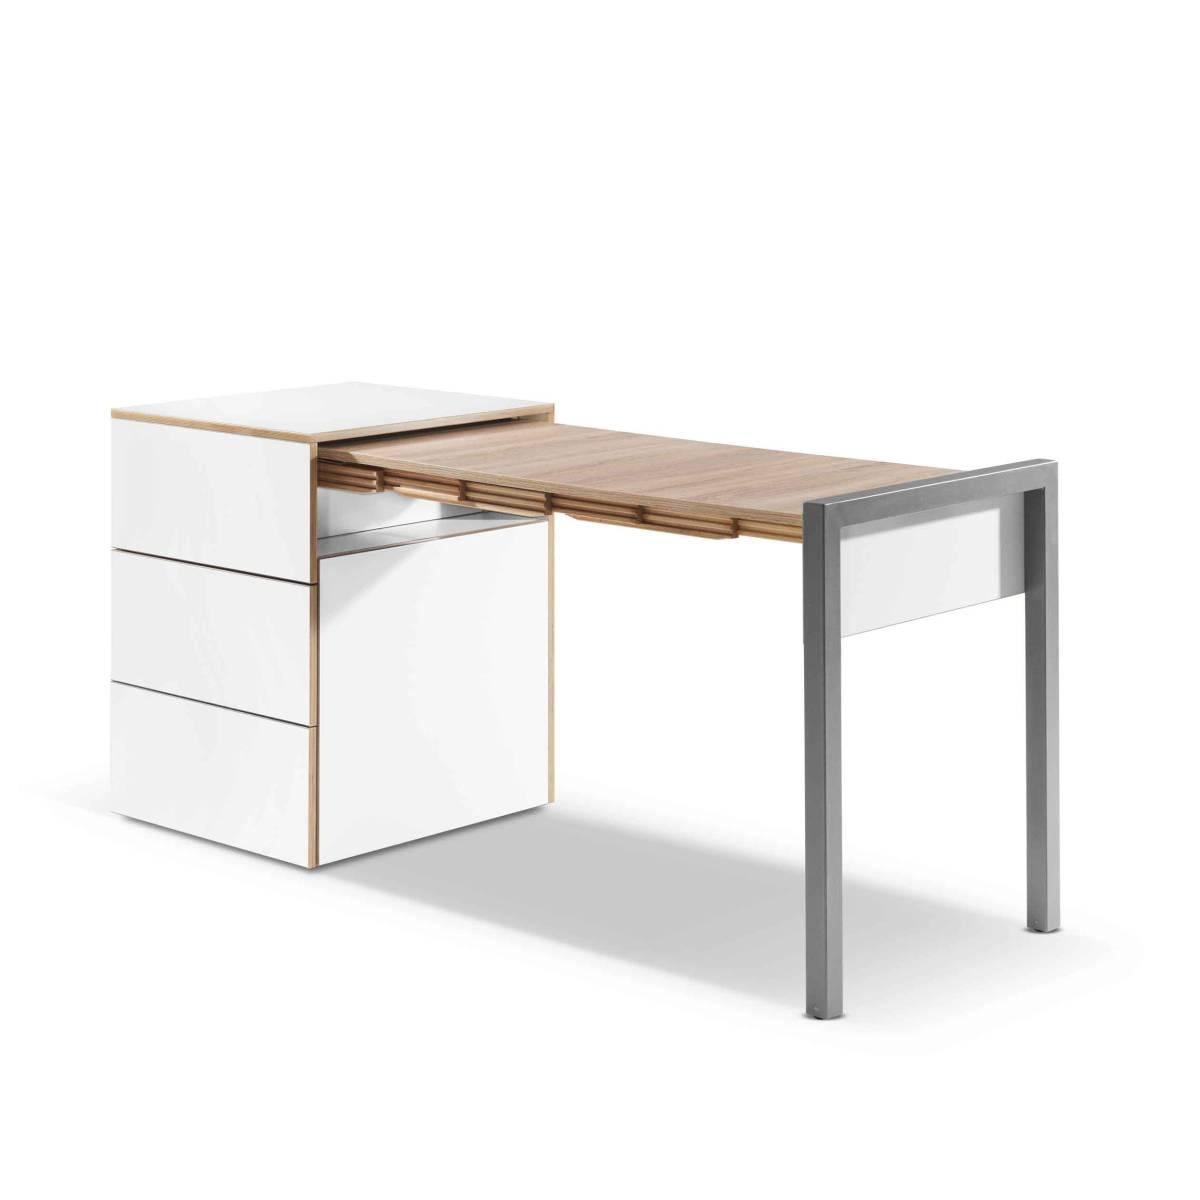 ALWIN Space Box ausziehbarer Tisch, Säule weiß, Tischplatte Eiche vintage, nach rechts